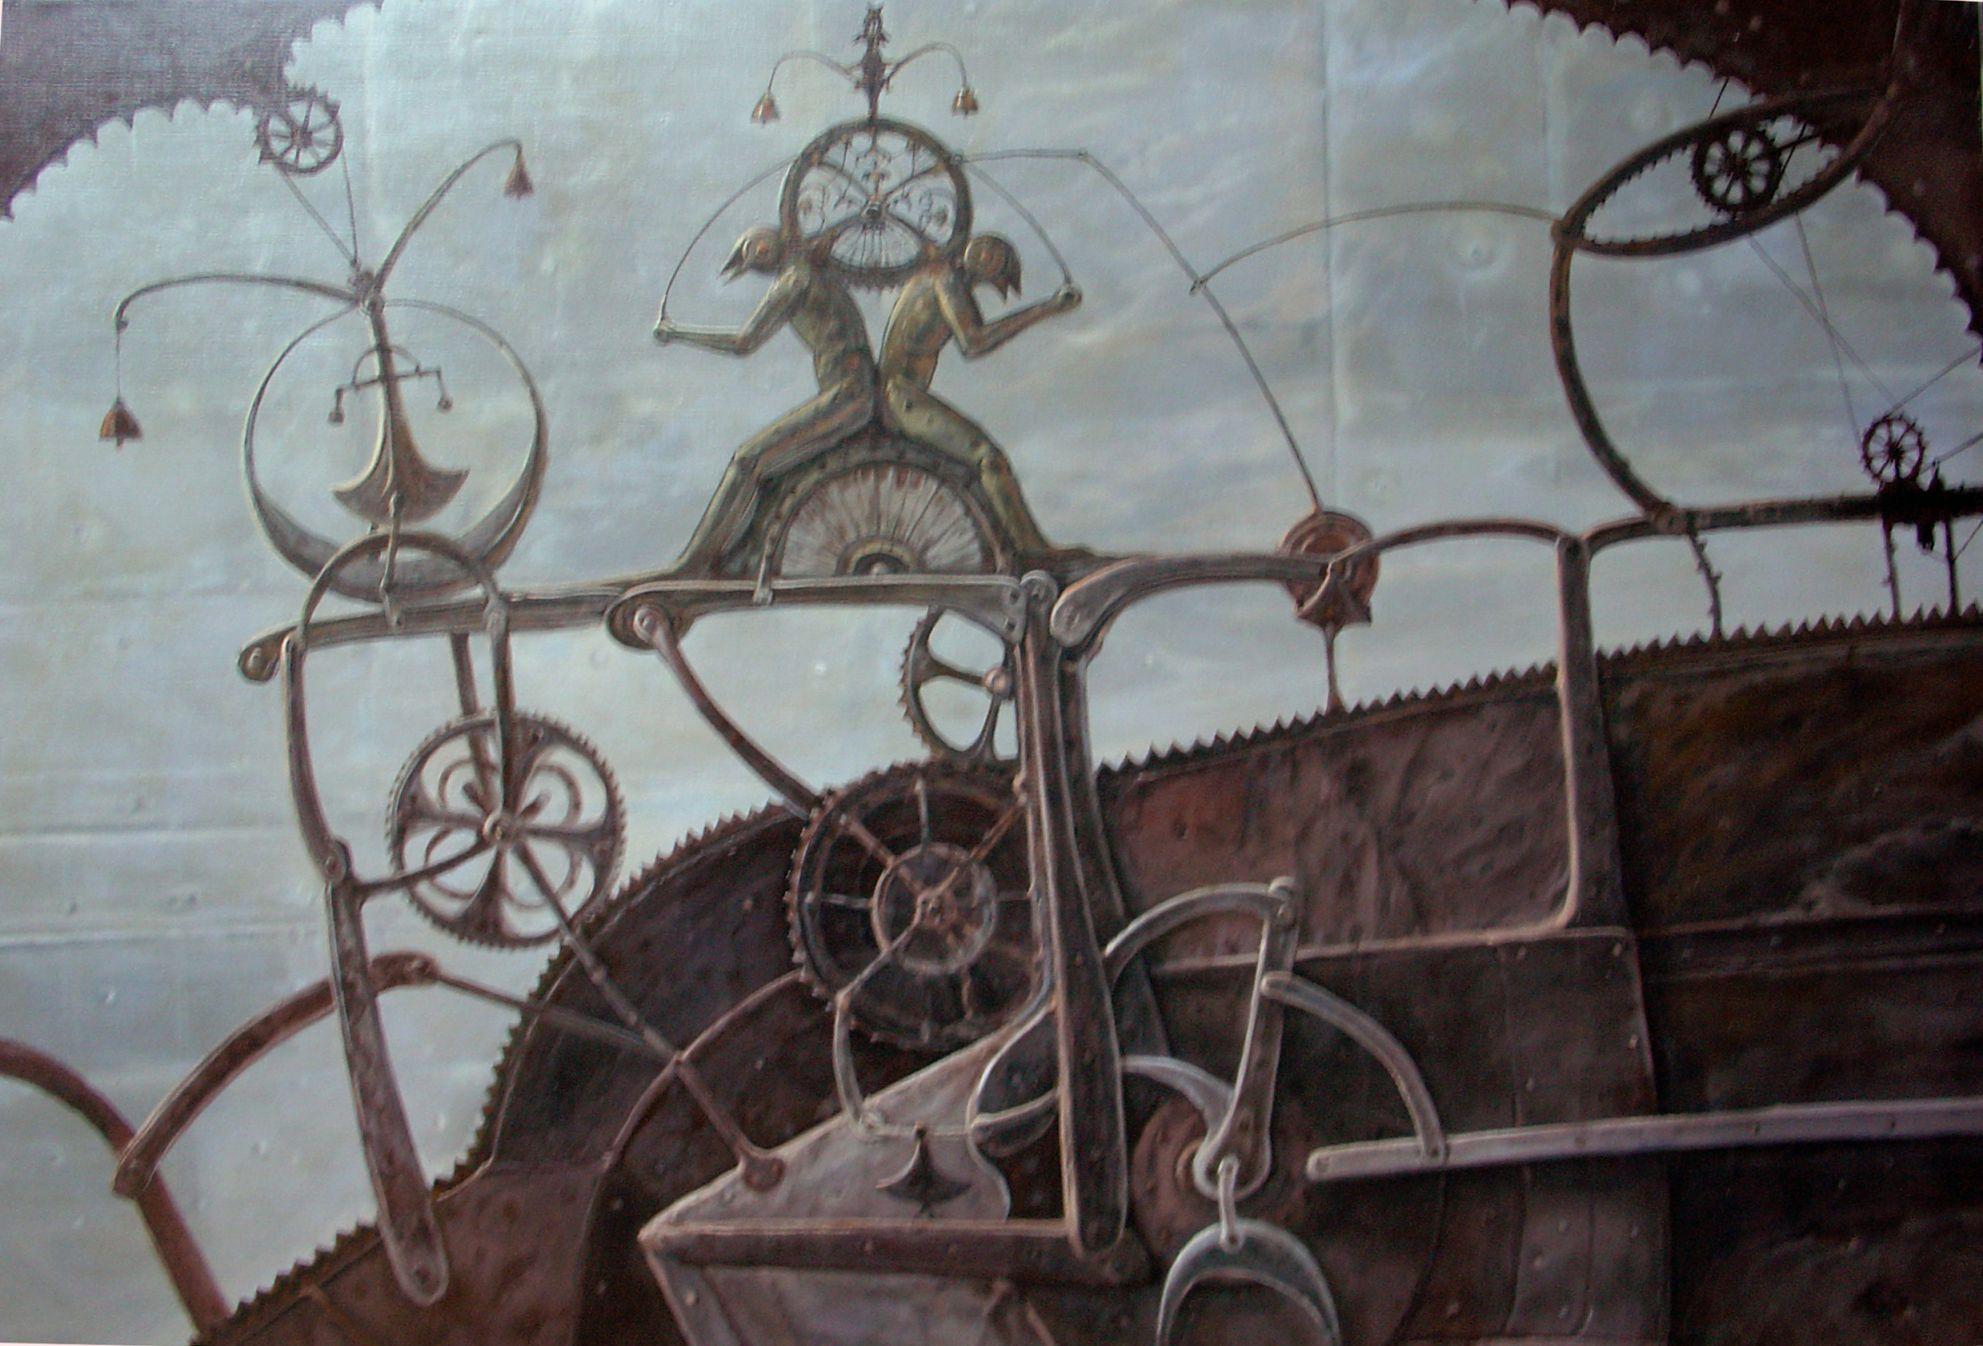 Una máquina (1990) - Francisco Mir Belenguer - Mirbelenguer